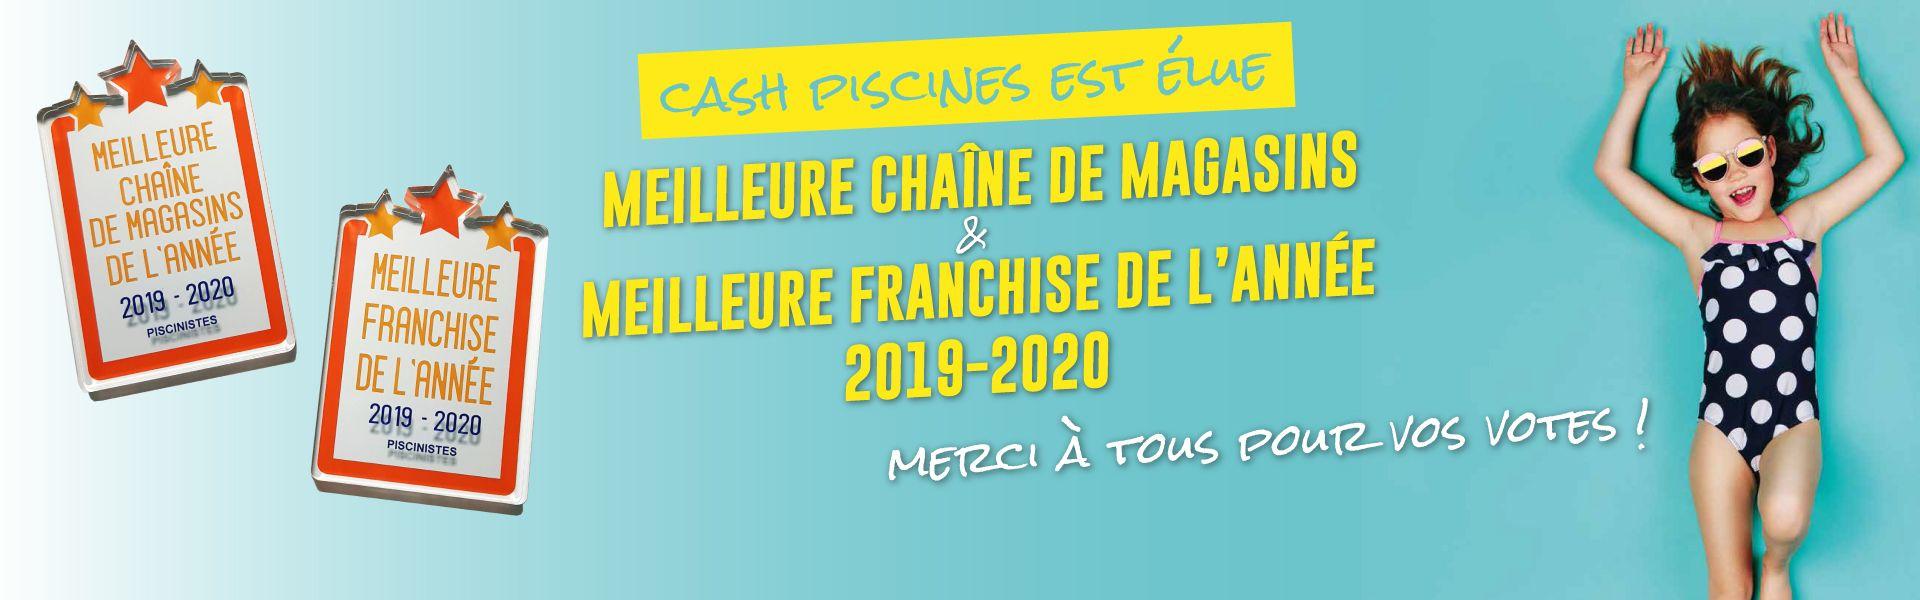 Cash Piscines - Tout Pour La Piscine & Spas Gonflables ... avec Cash Piscine Le Cres